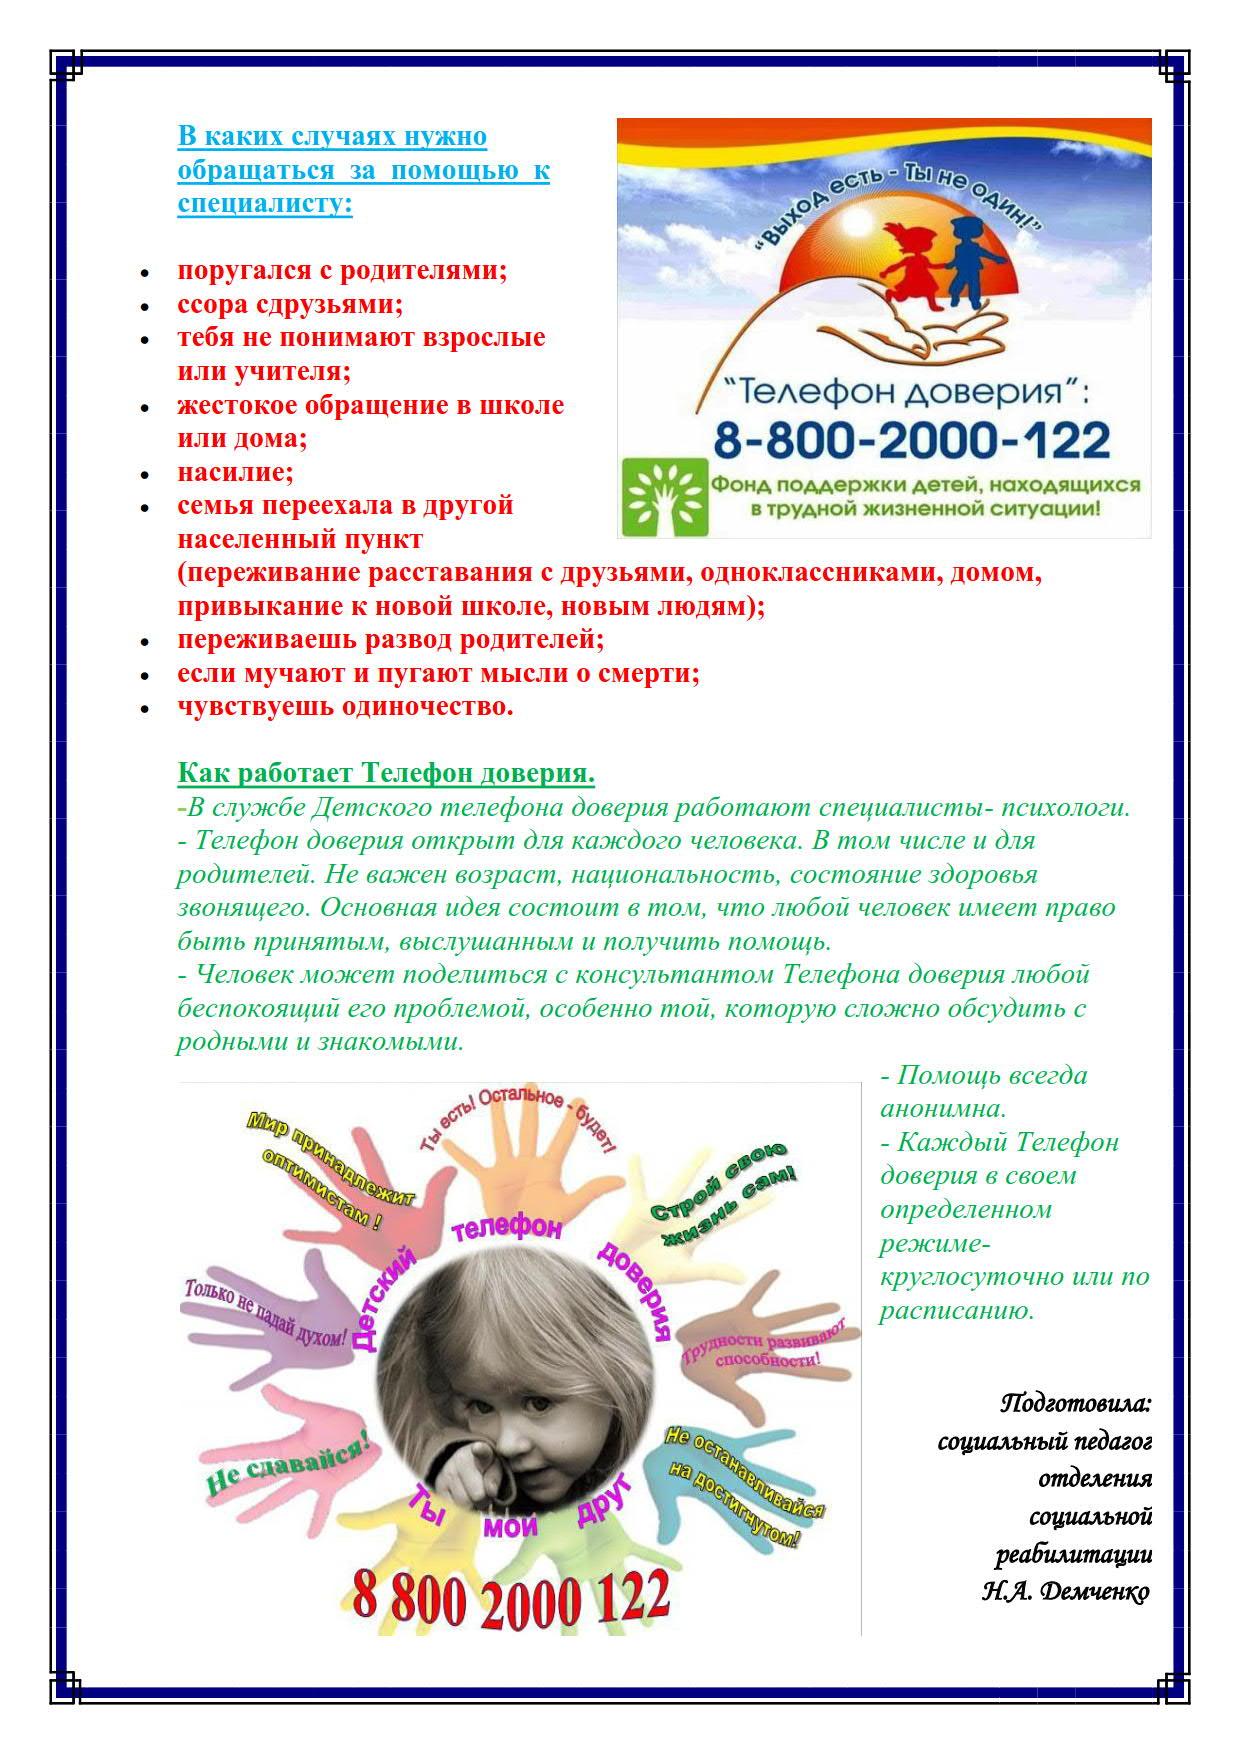 социальный педагог памятка для детей и подростков Телефон даверия 2_2